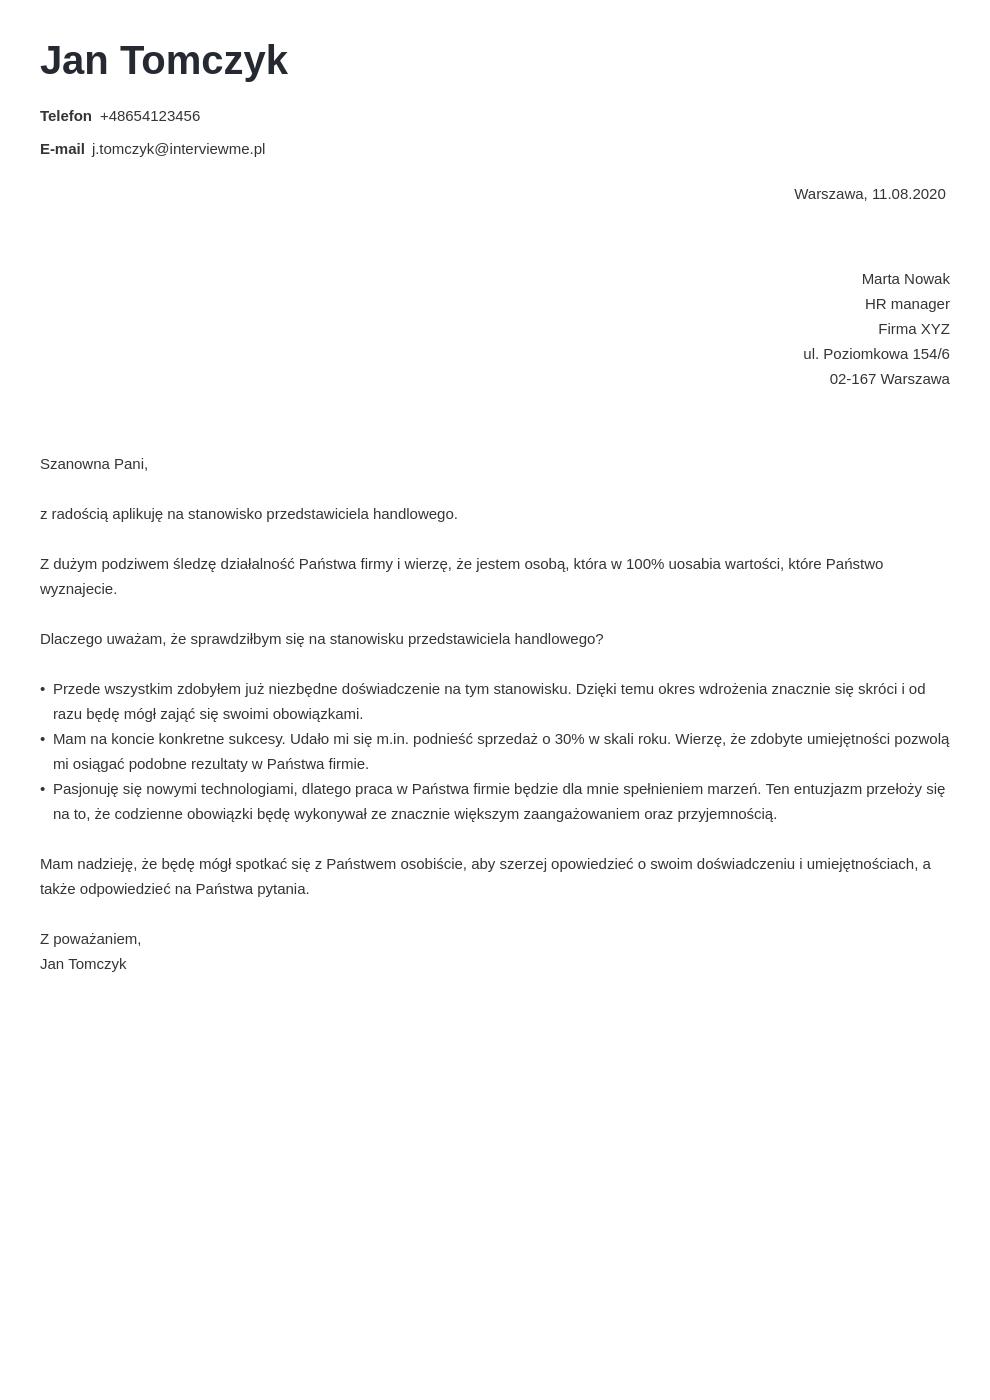 Cv List Motywacyjny Wzor Template Nanica